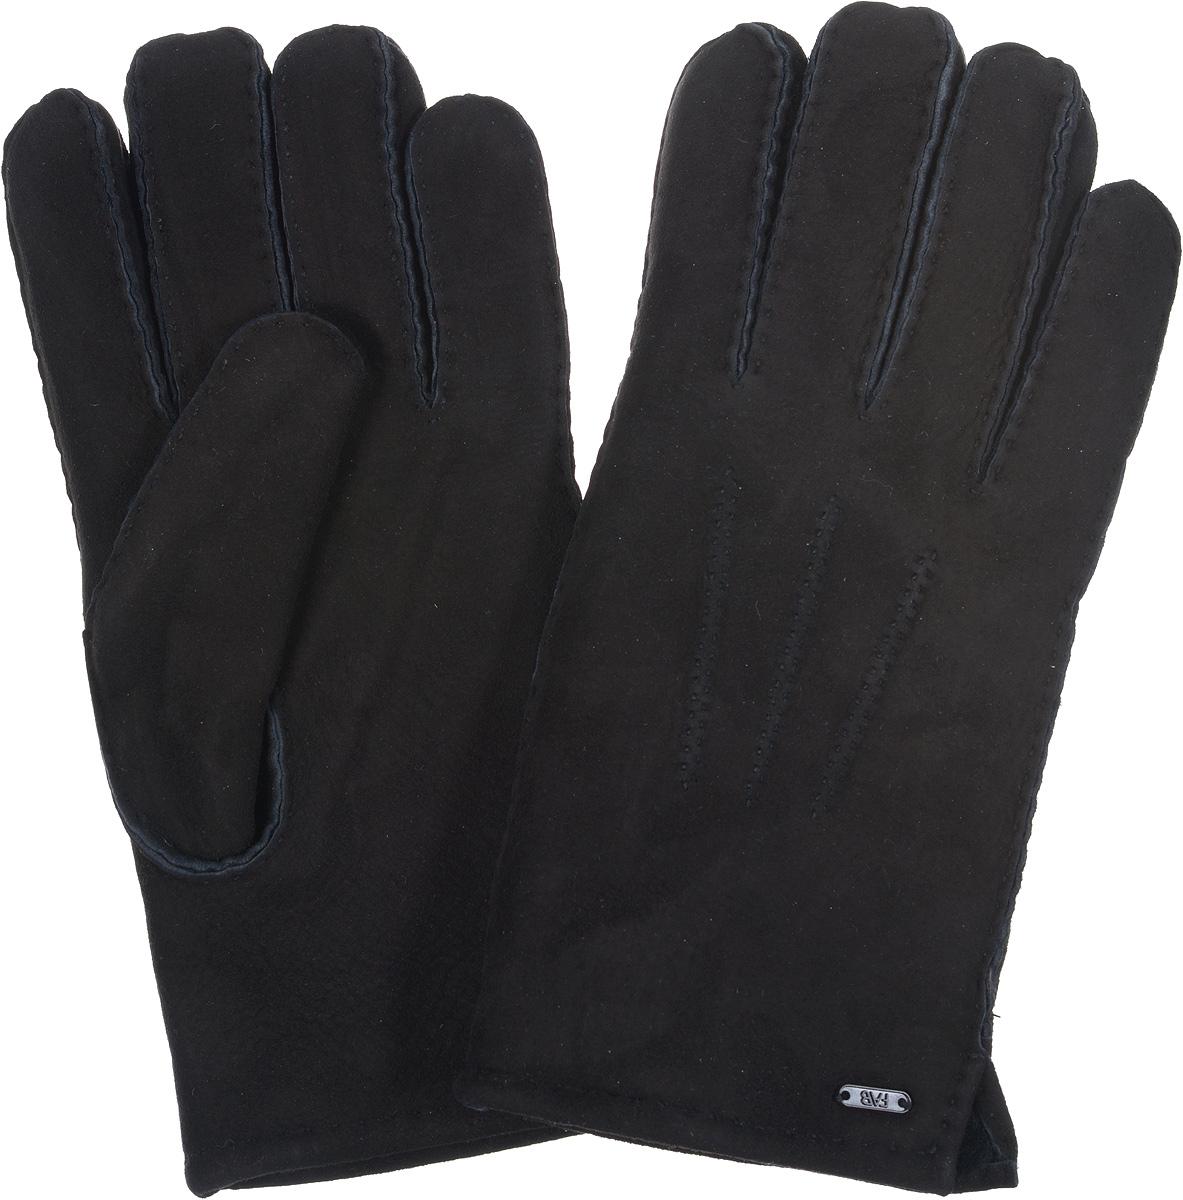 25.10-1 blackПотрясающие мужские перчатки торговой марки Fabretti выполнены из чрезвычайно мягкой и приятной на ощупь кожи-велюр, а их подкладка - натуральный мех, будет вас радовать снова и снова. Лицевая сторона оформлена декоративными швами три луча, а края перчаток обработаны наружными ручными швами. Великолепные мужские перчатки Fabretti не только согреют пальчики, но и дополнят ваш образ в качестве эффектного аксессуара.